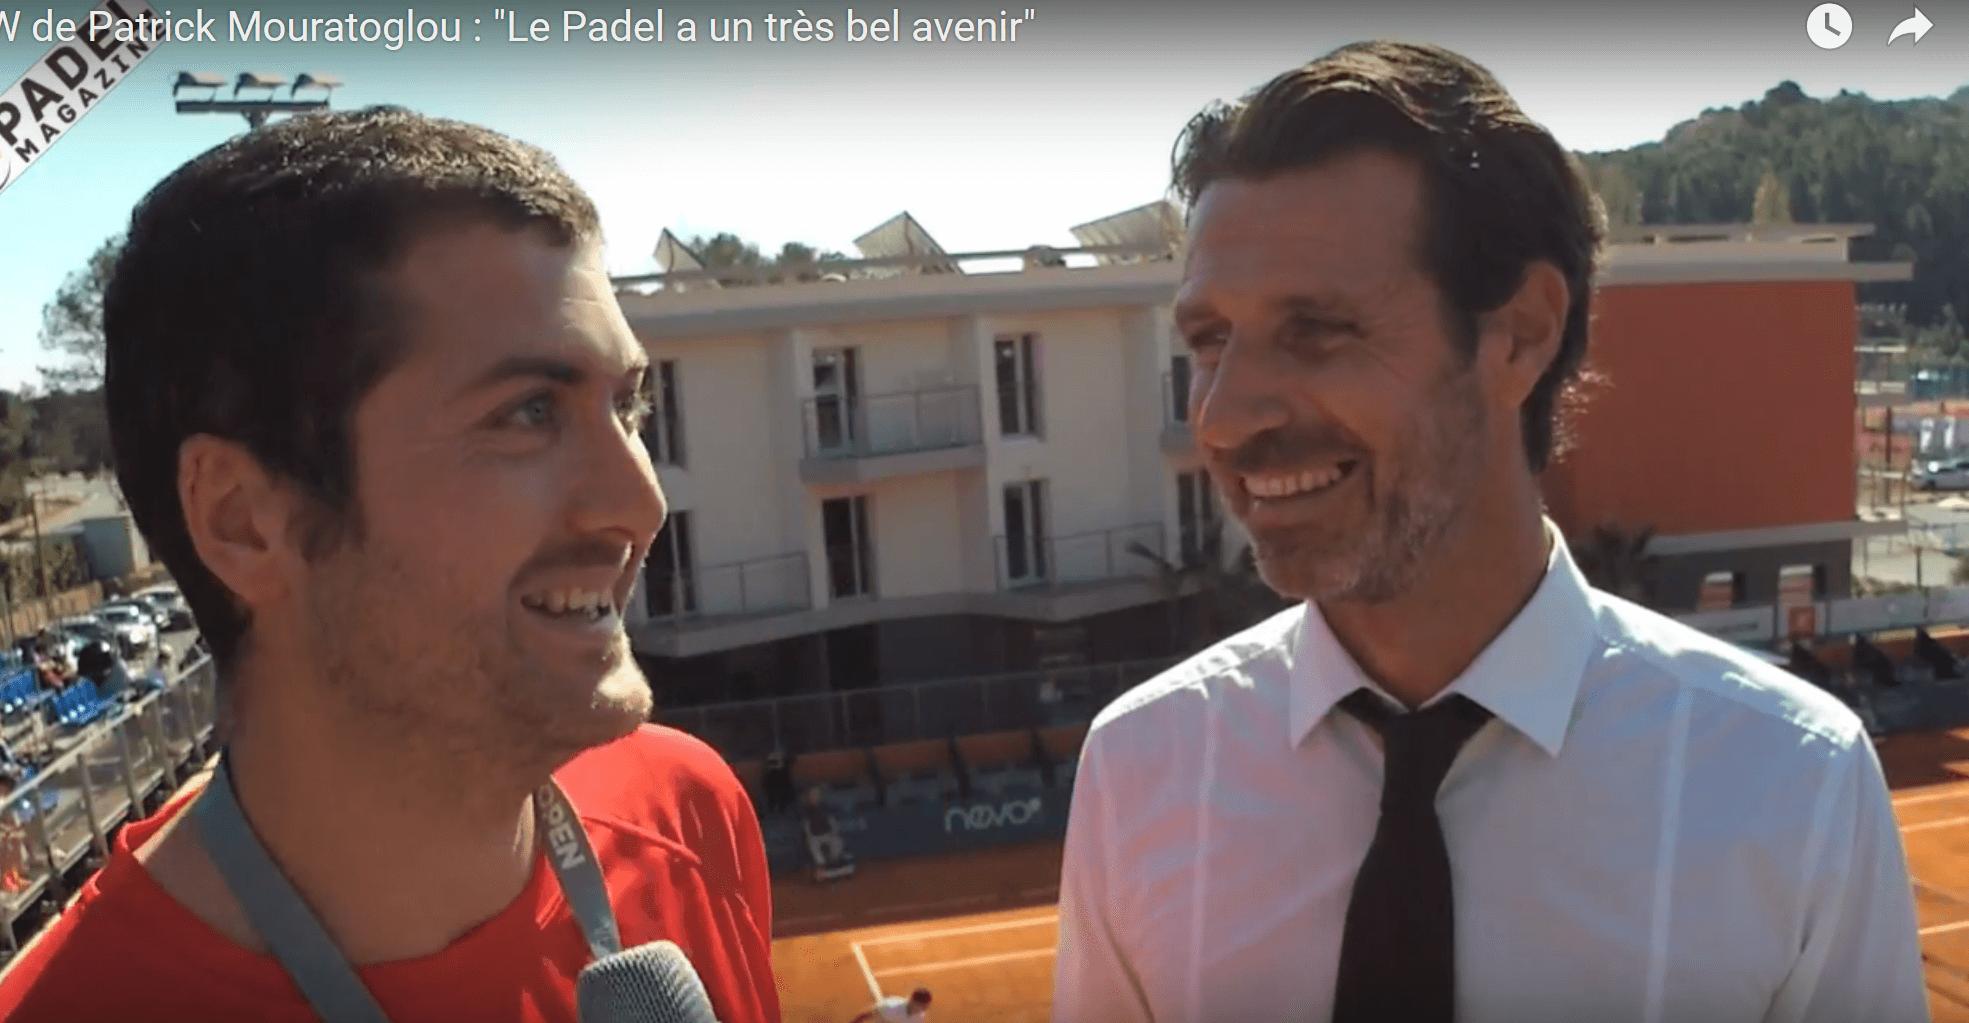 """Patrick Mouratoglou : """"Le Padel a un très bel avenir"""""""